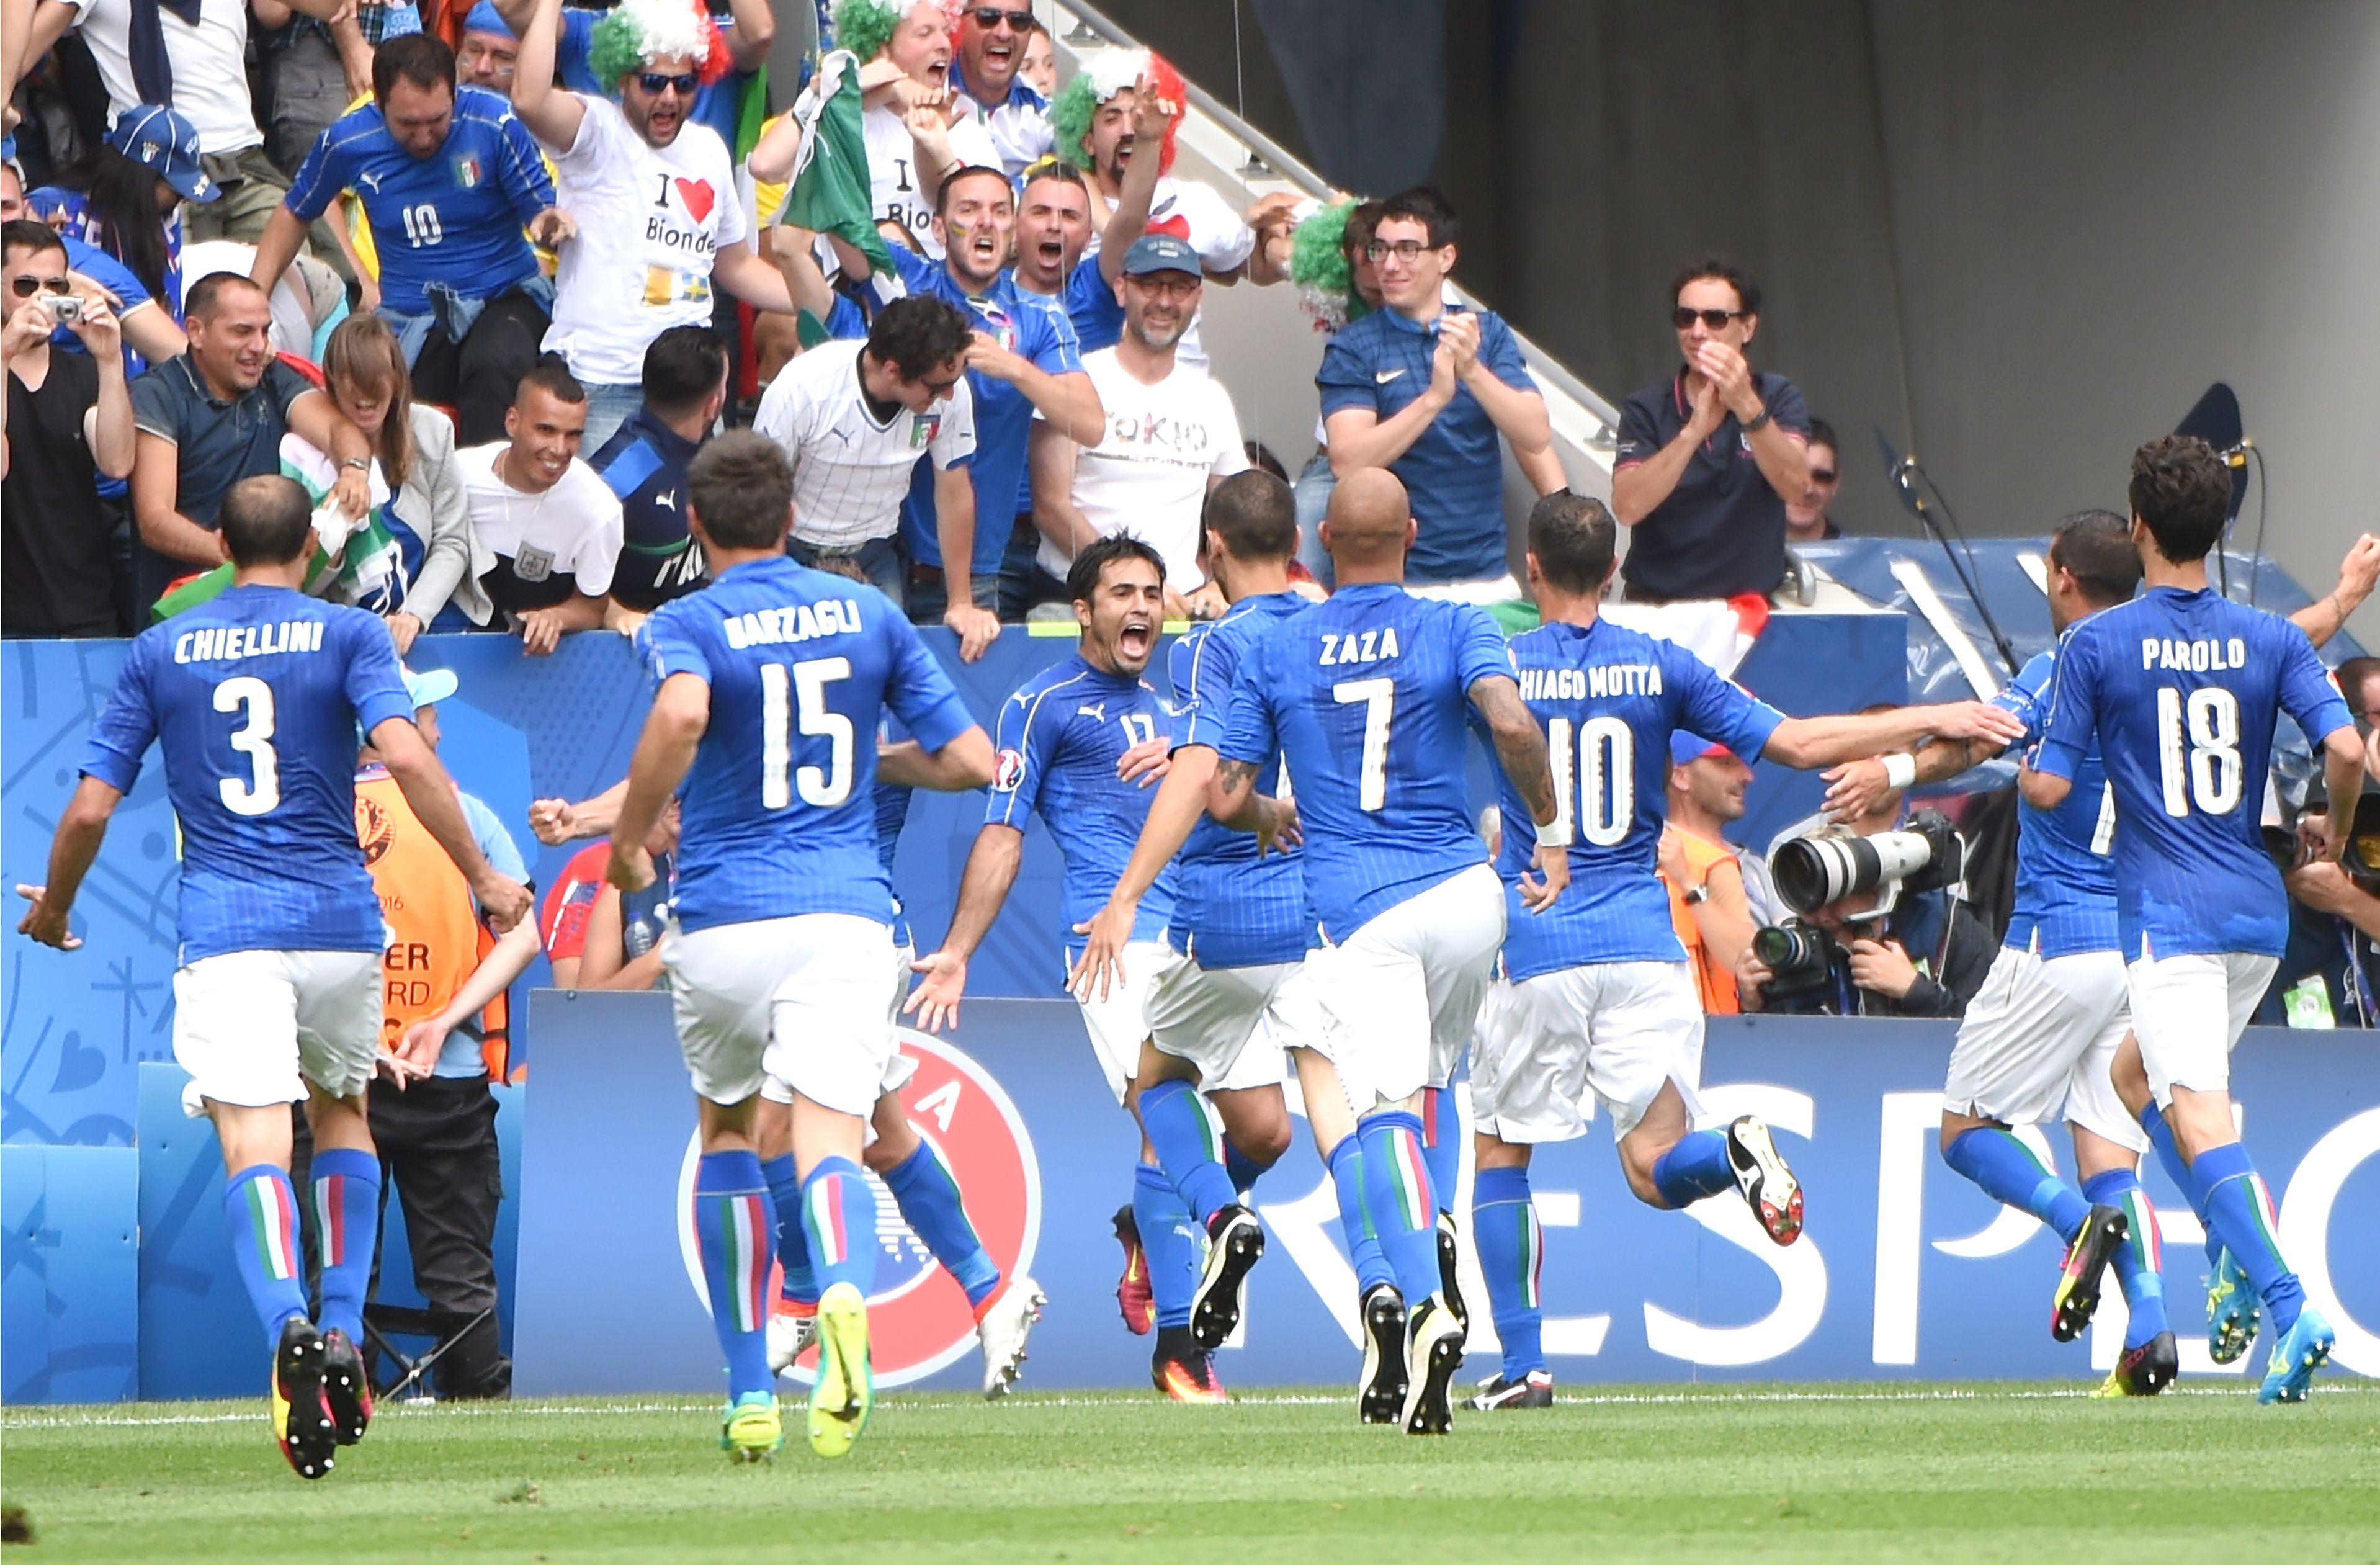 Italie – Suède (1-0) : Les Notes